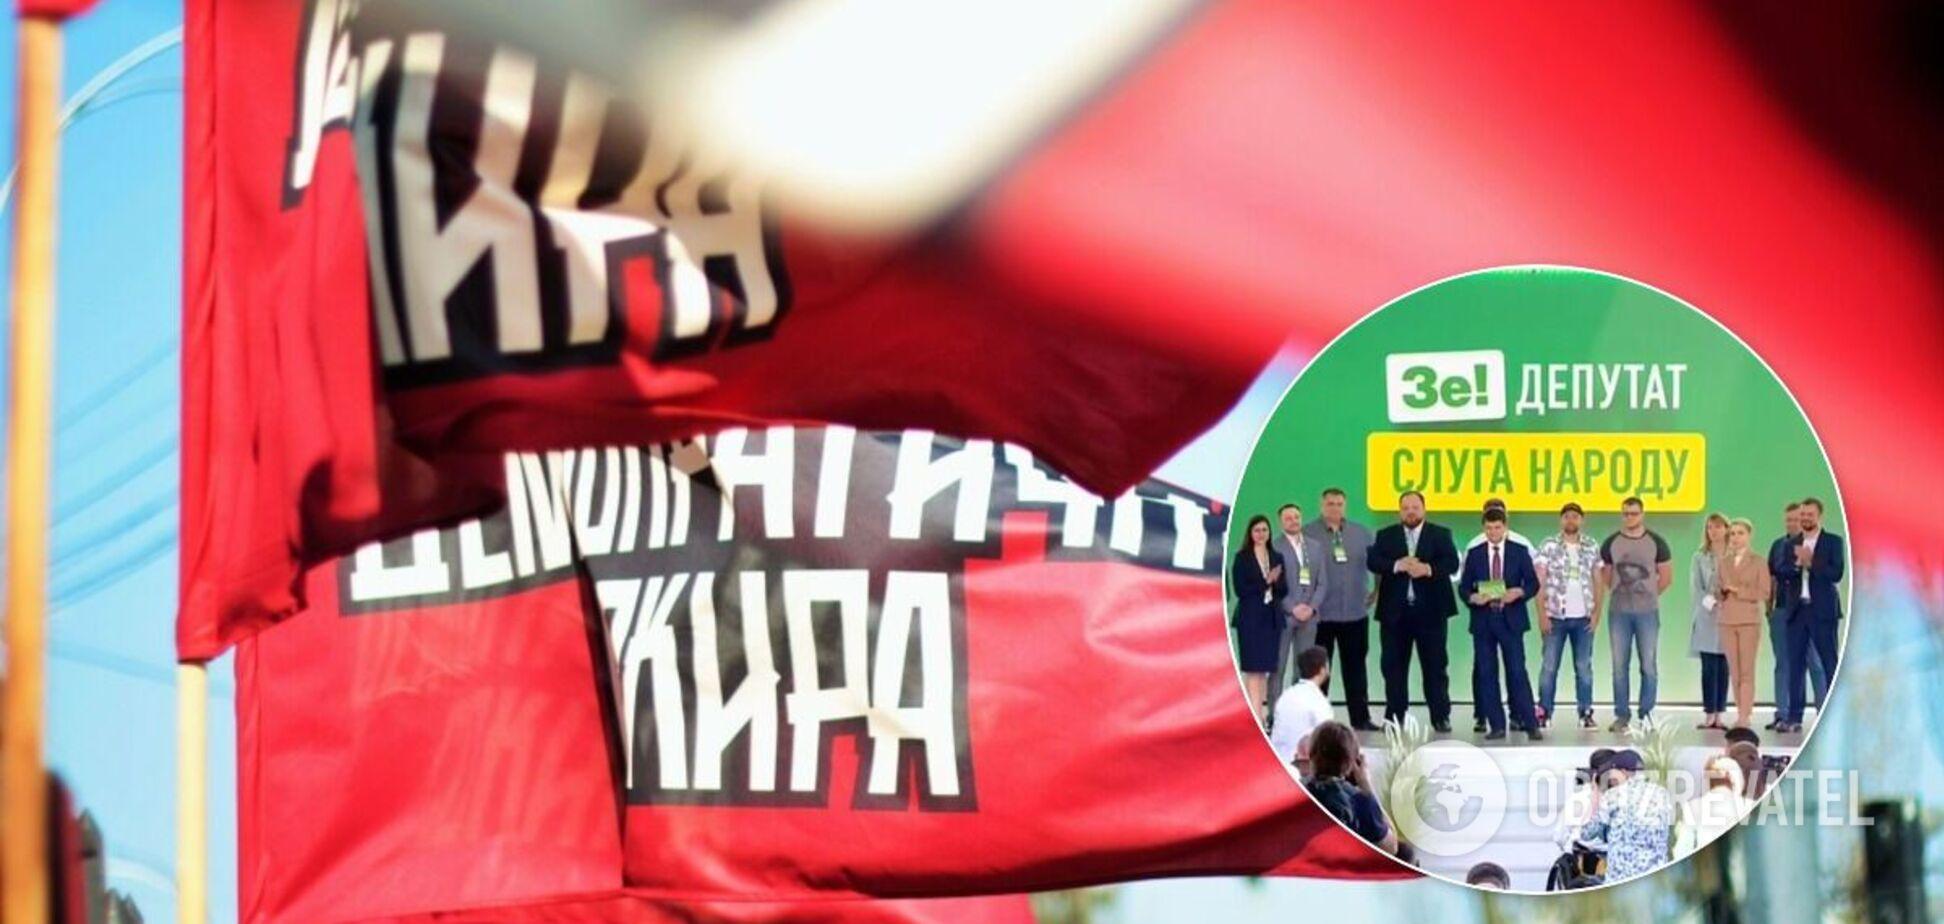 Владелец 'Зе медиа' шел на выборы от партии, которая критикует 'Слугу народа'. Фотофакт